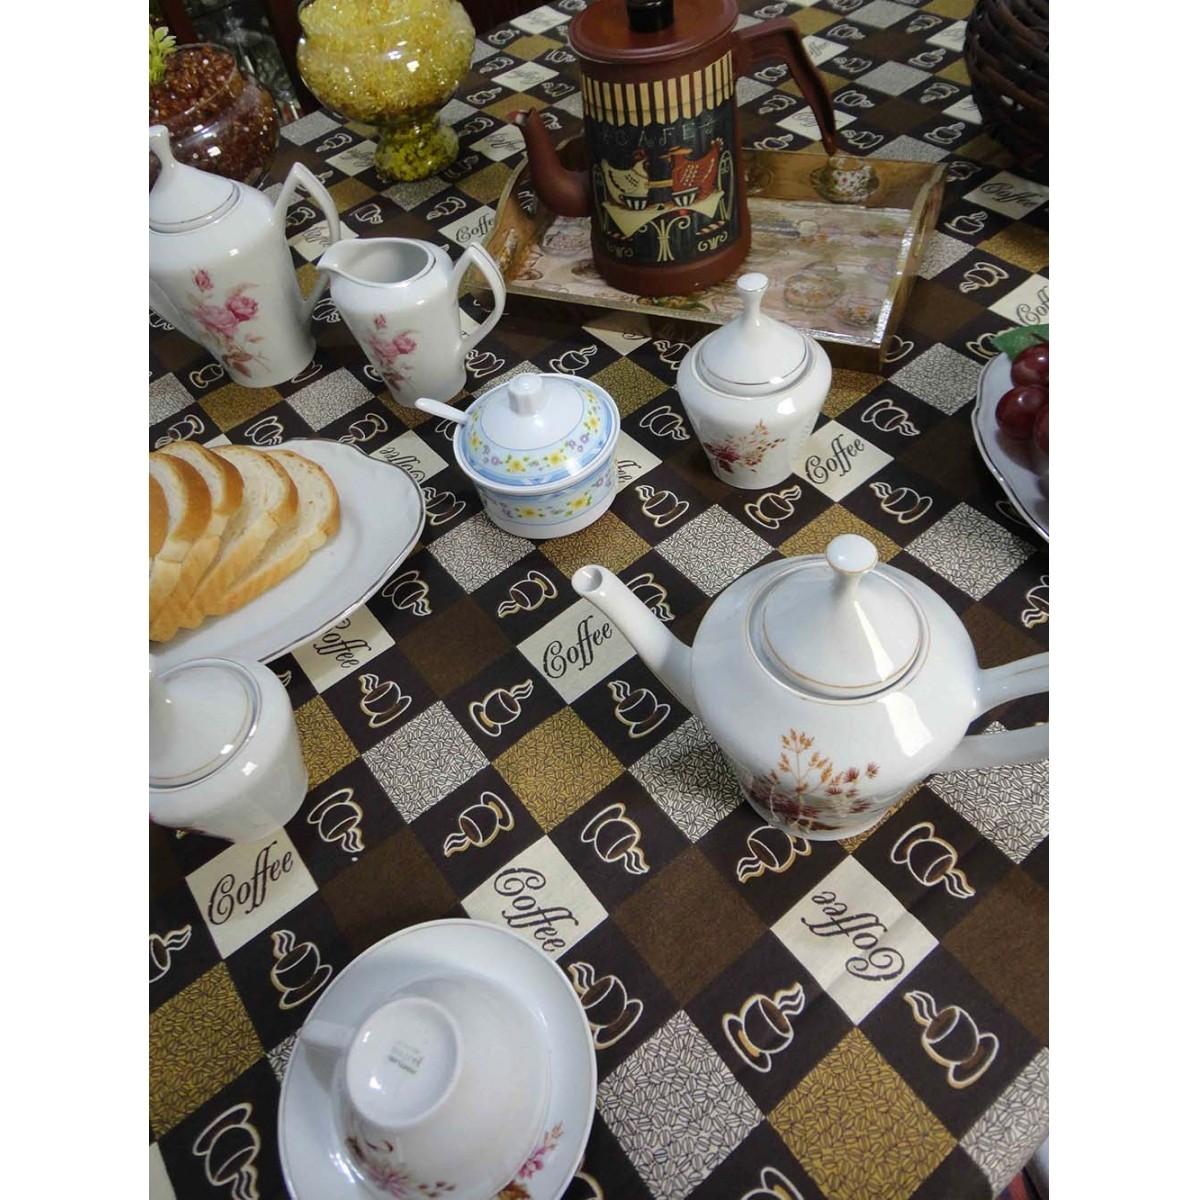 Toalha De Mesa Retangular Café 2,20m X 1,50m  - RECANTO DA COSTURA